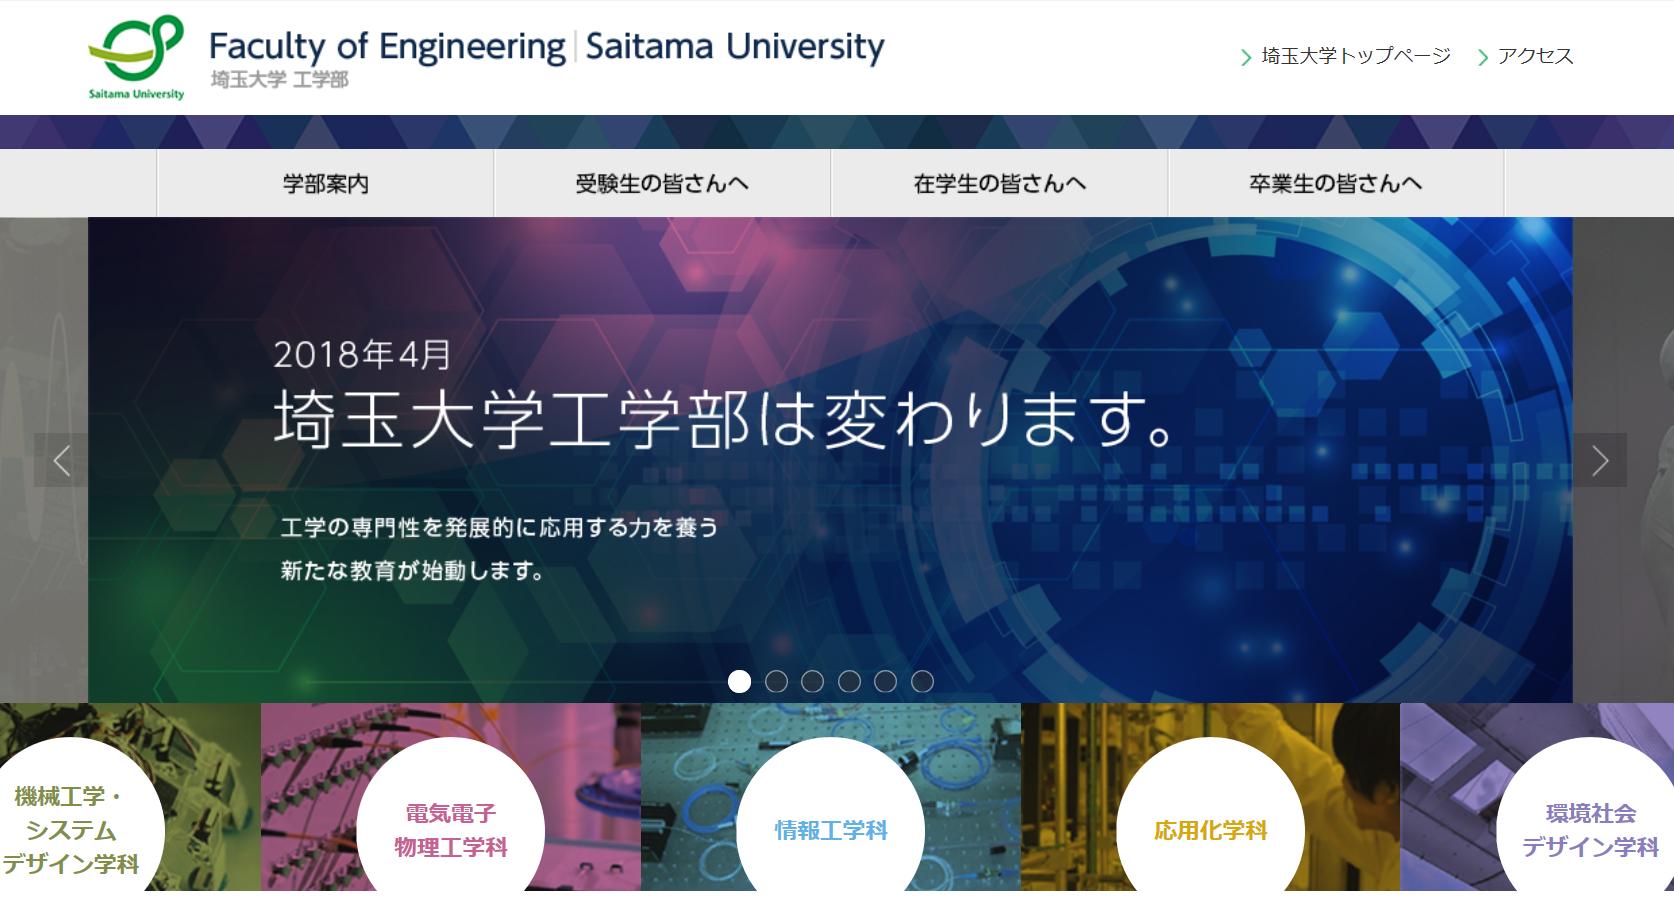 埼玉大学の評判・口コミ【工学部編】